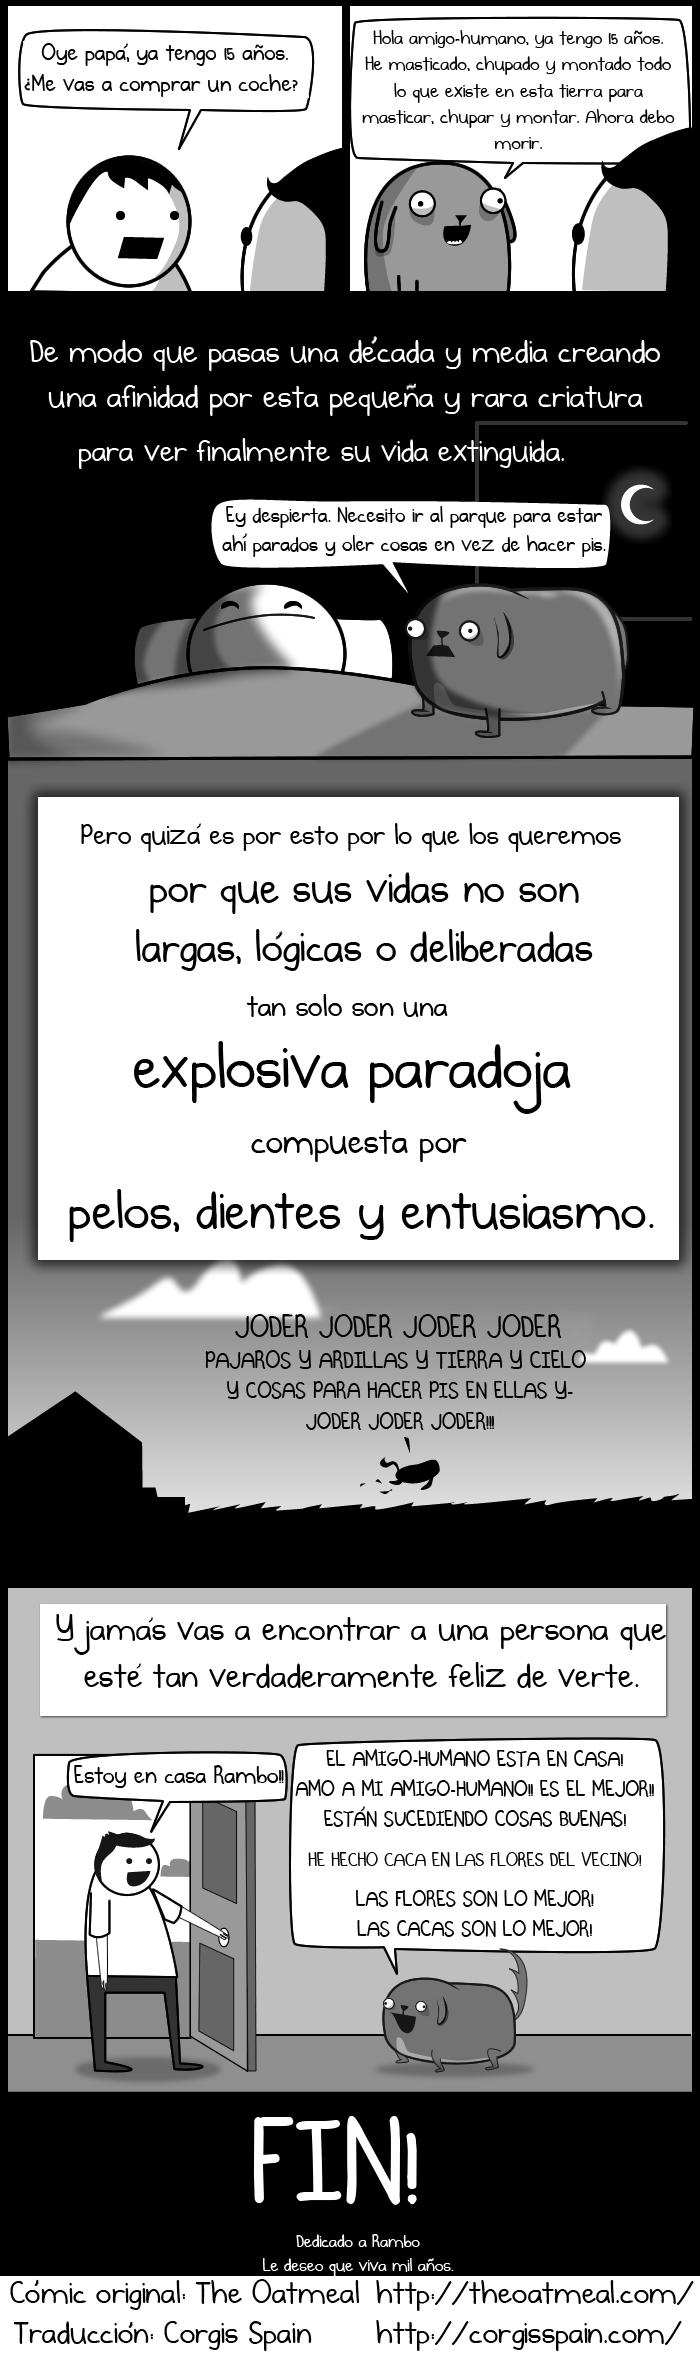 El Paradox 7